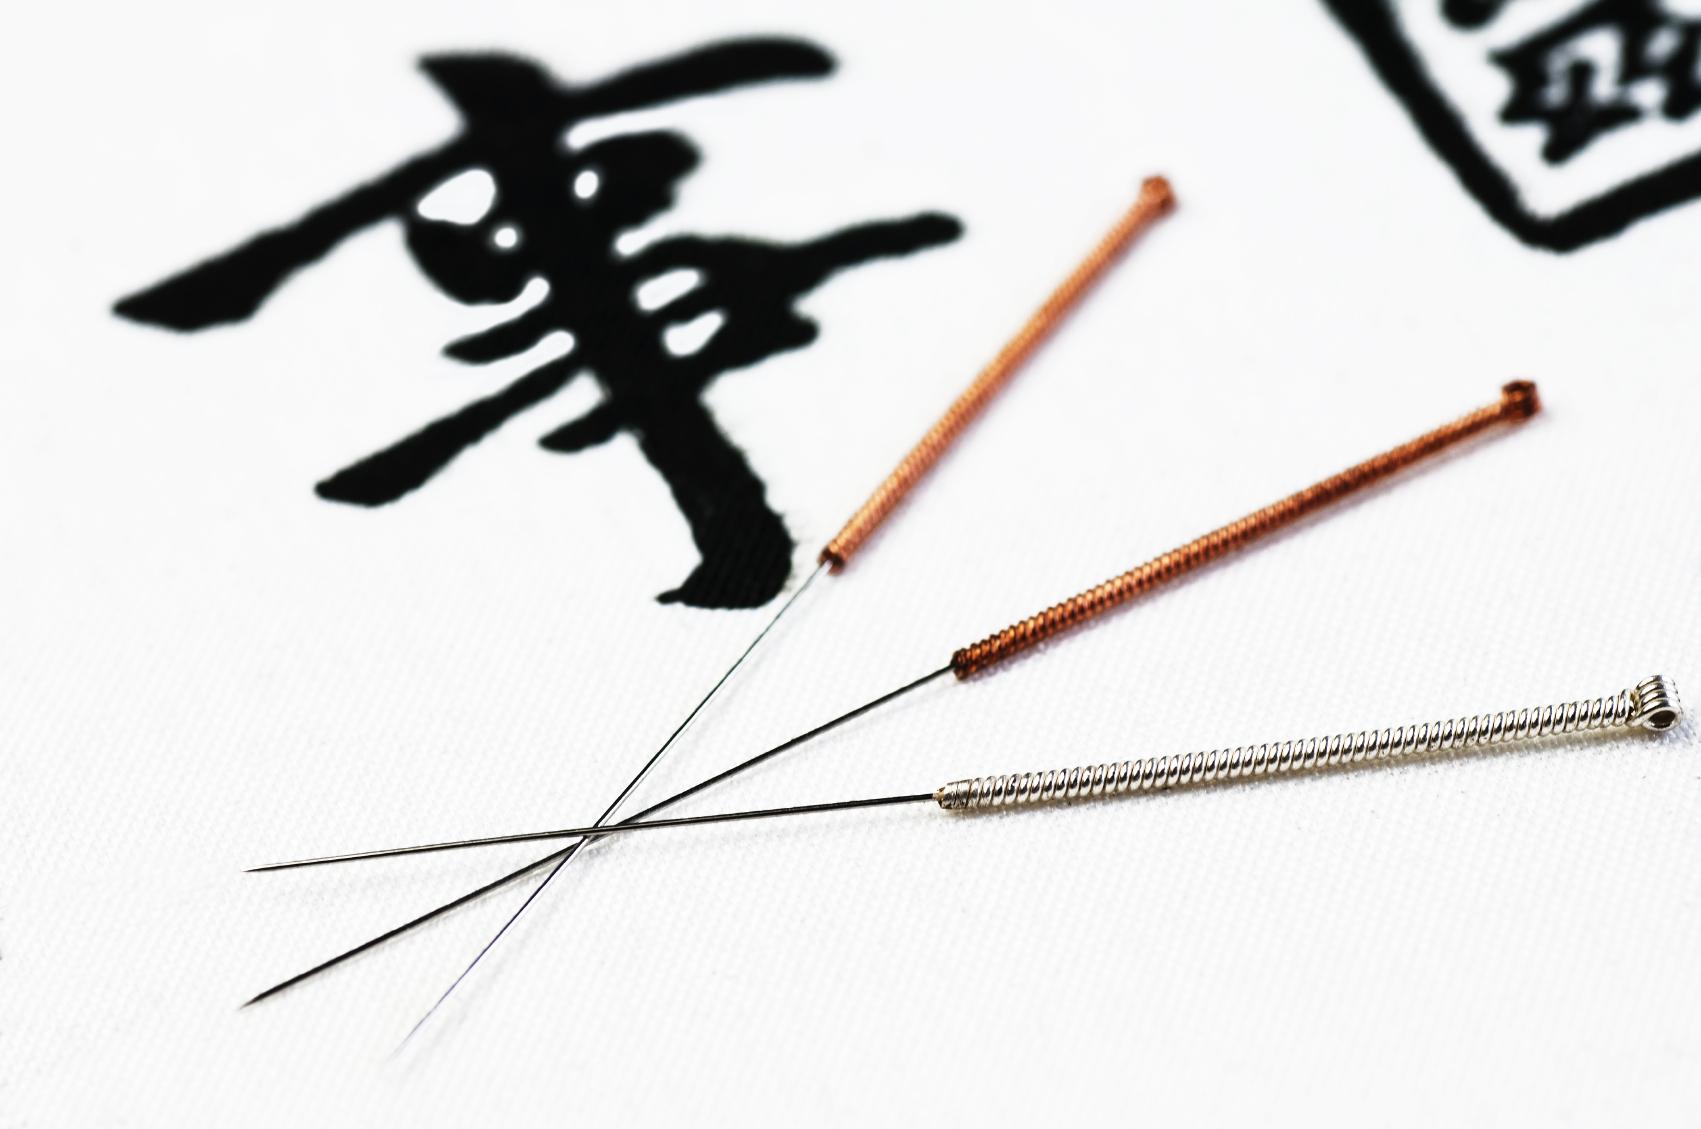 βελονισμος αθηνα, dry needling athens